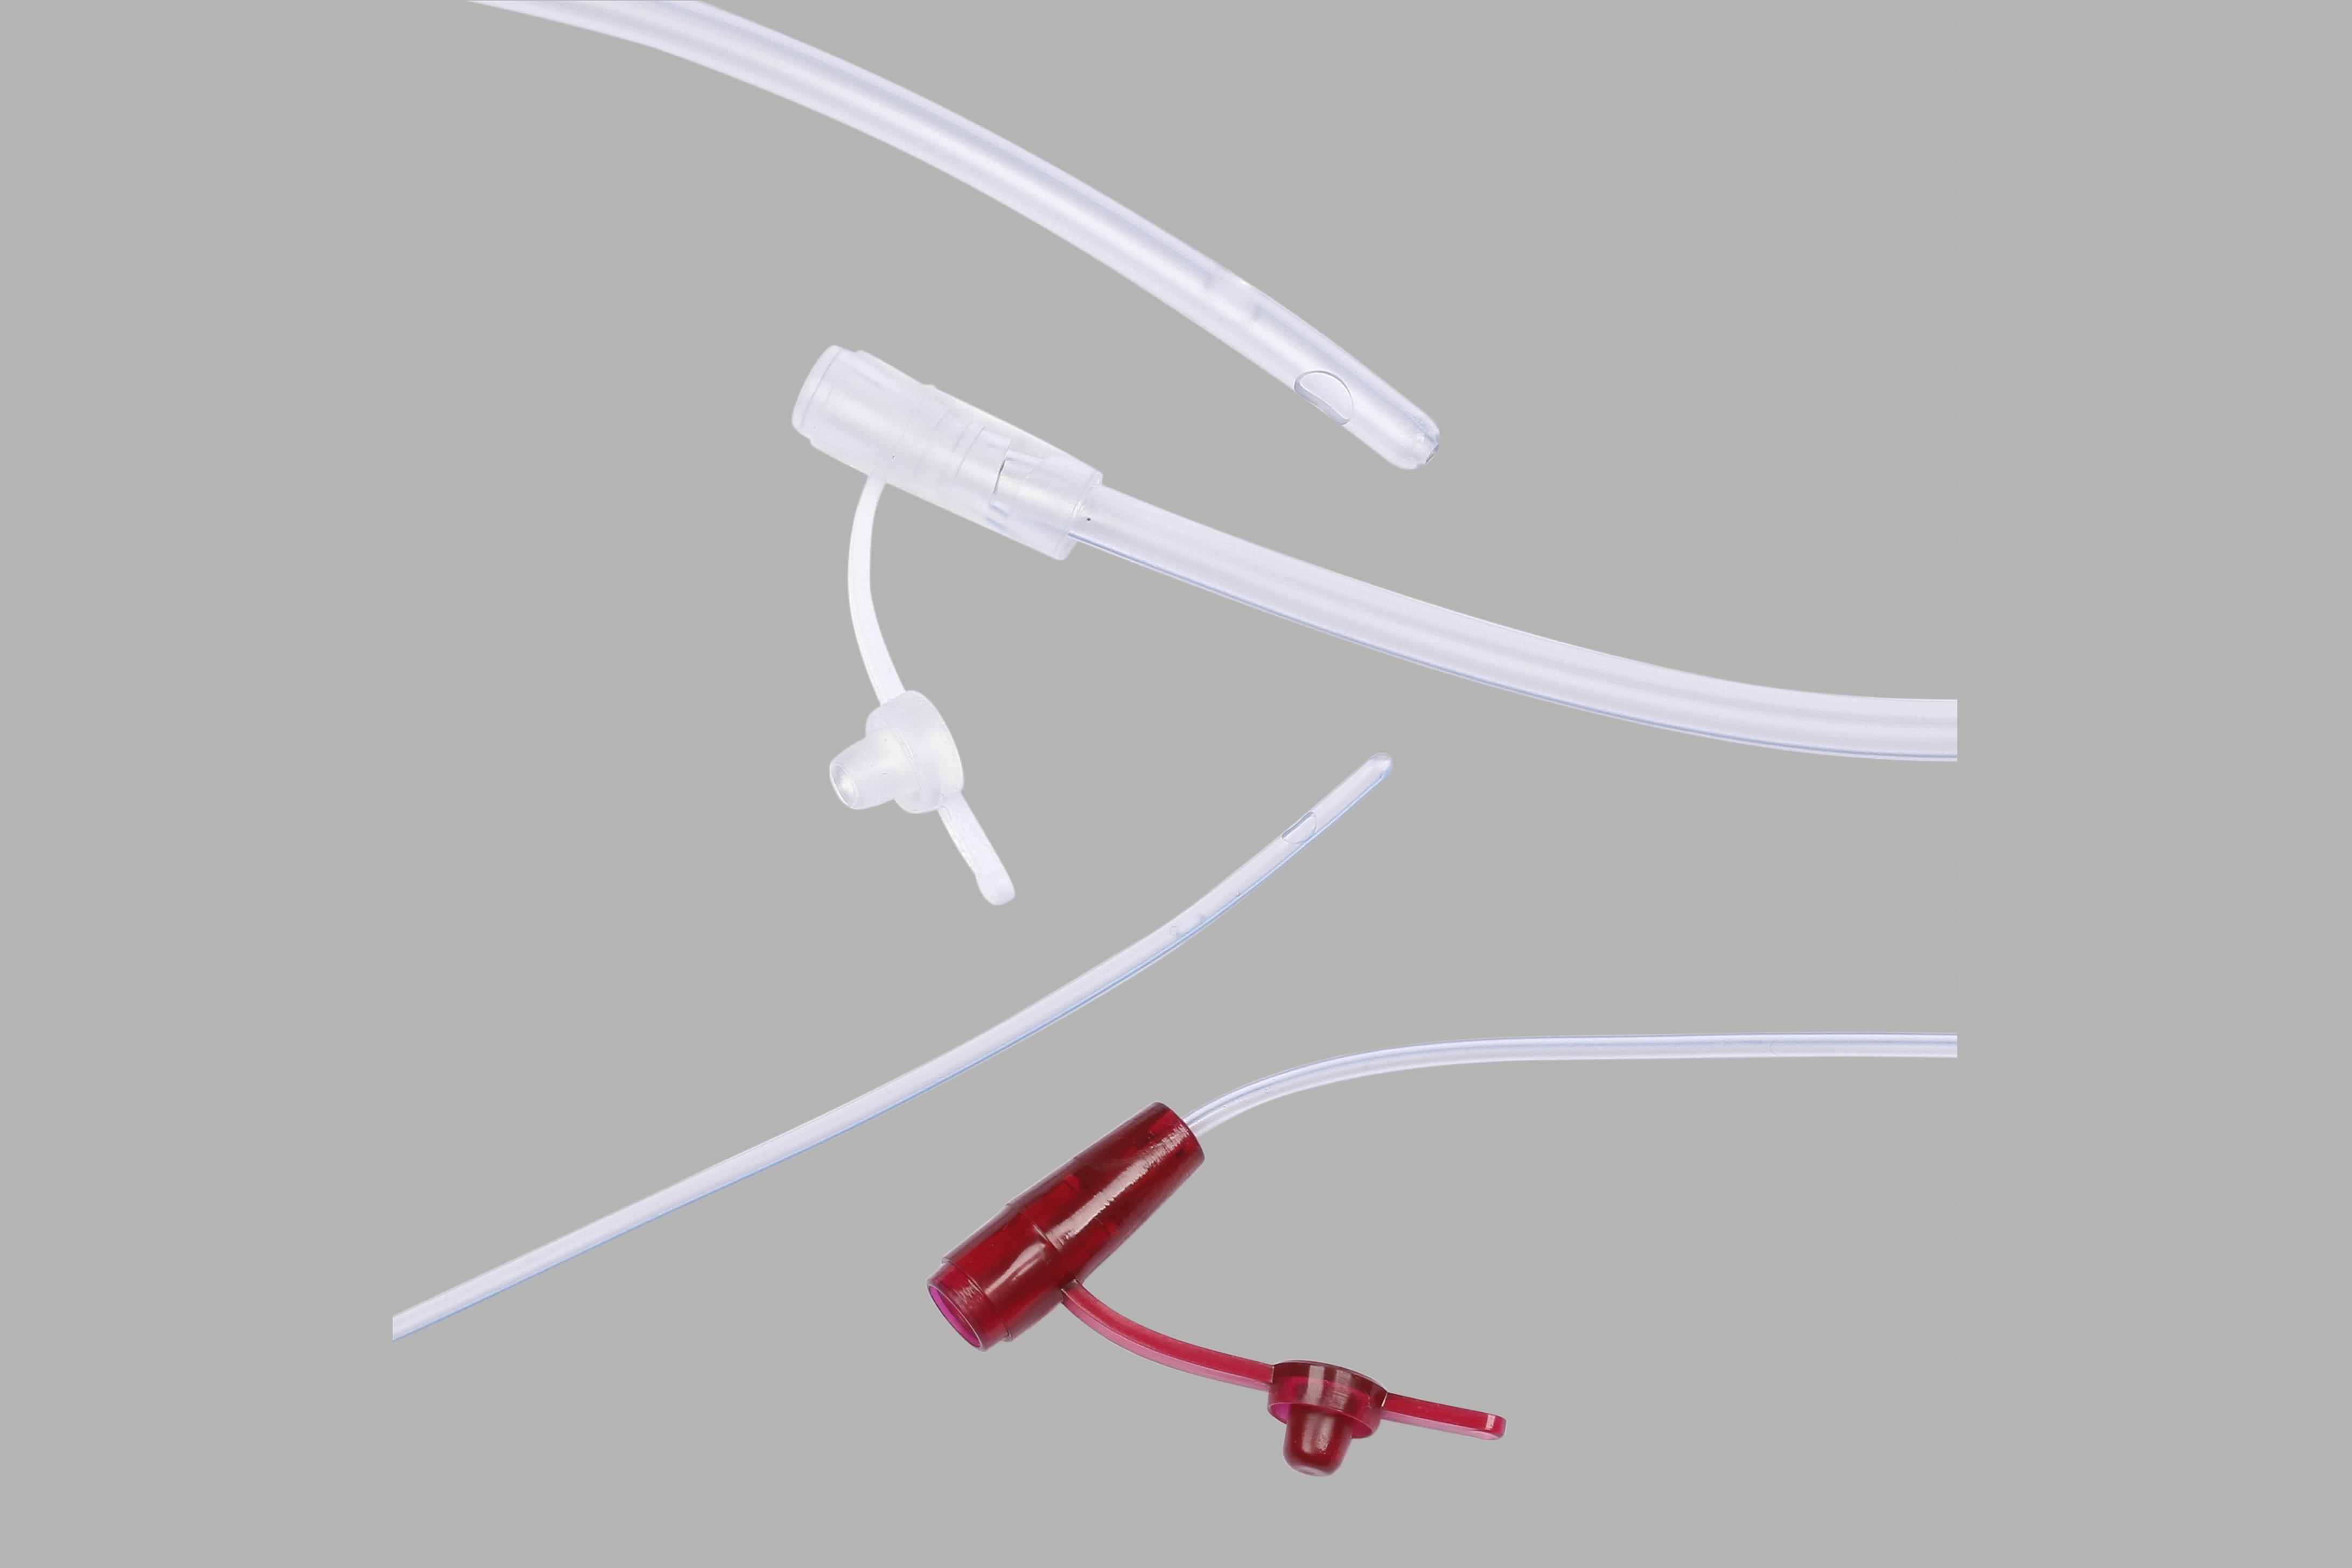 Зонд питательный с крышкой с РКП, дл. 120 см